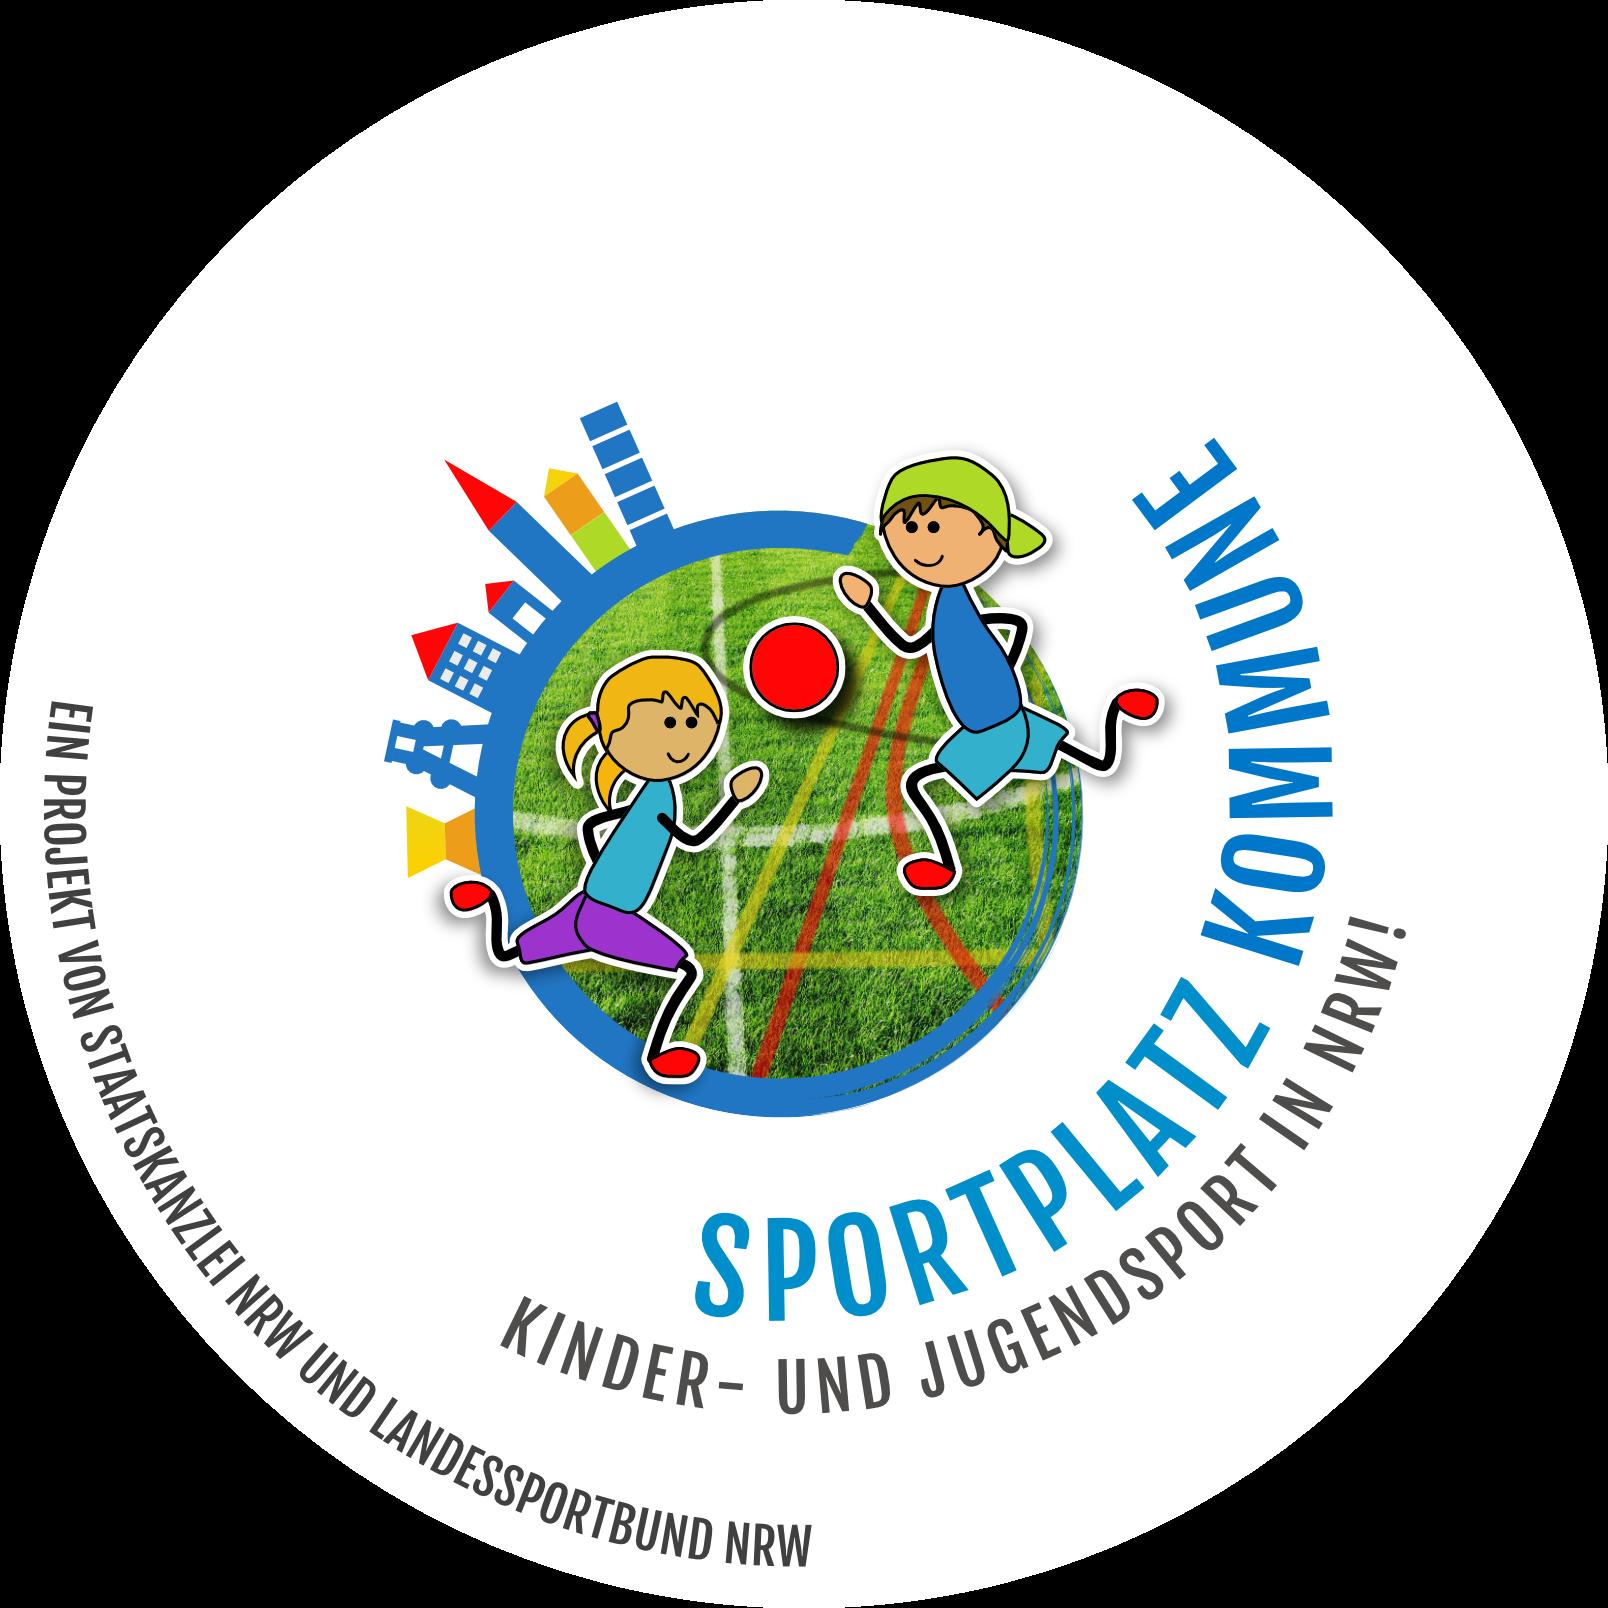 Kinder- und Jugendsport in NRW